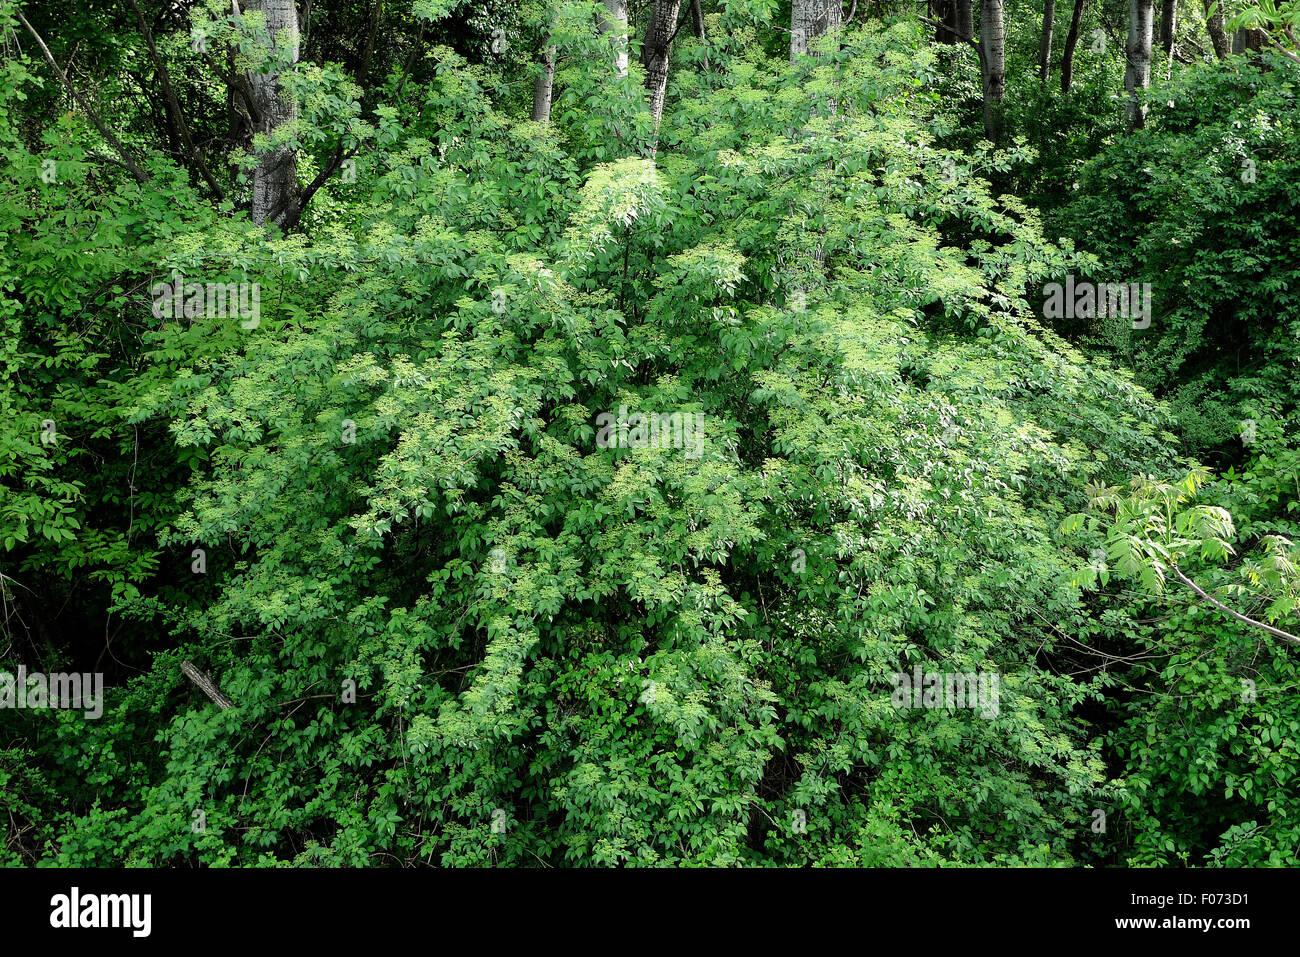 Elder tree. - Stock Image